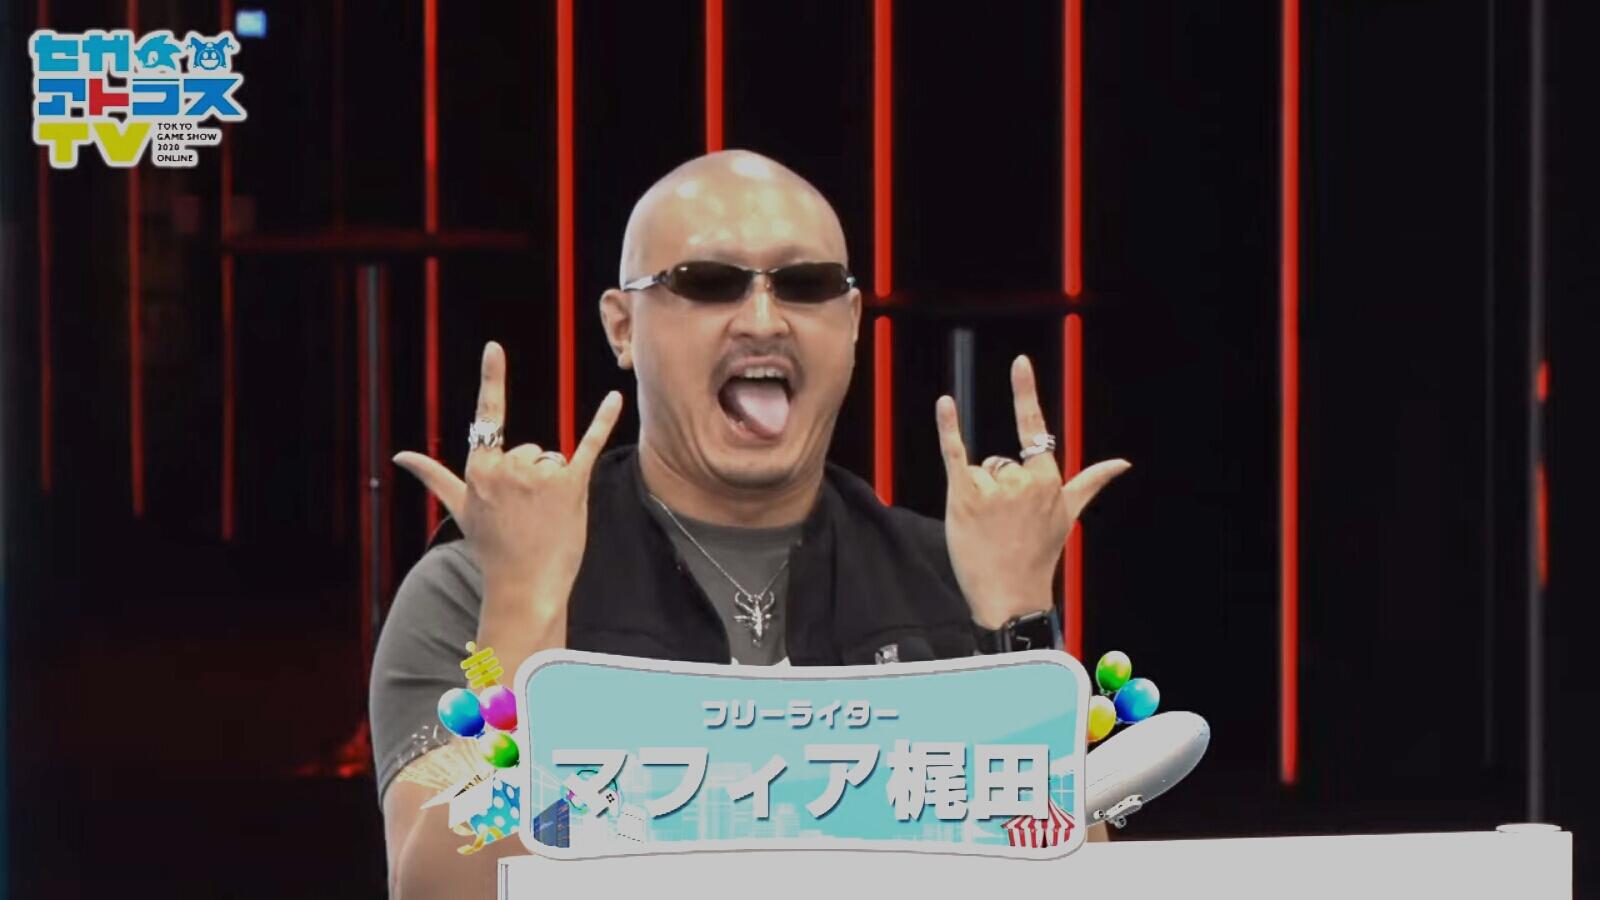 フリーライターのマフィア梶田氏。熱烈な「メガテン」ファンとのこと